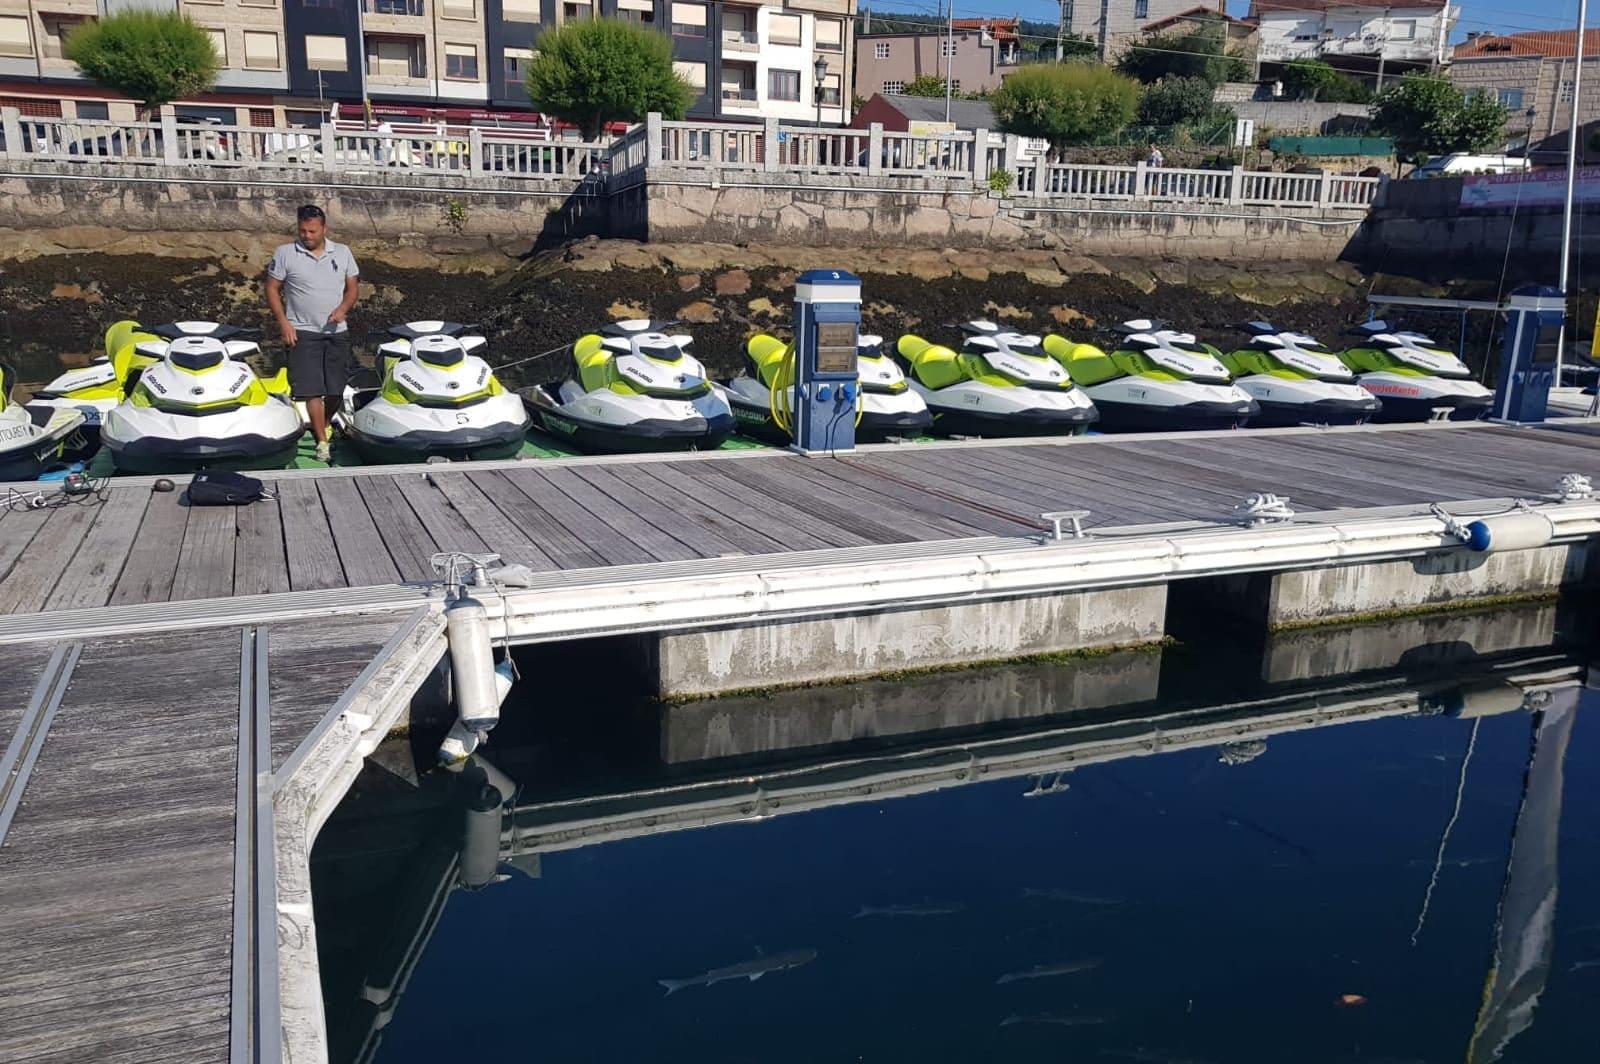 Alquiler de motos acuáticas en Combarro